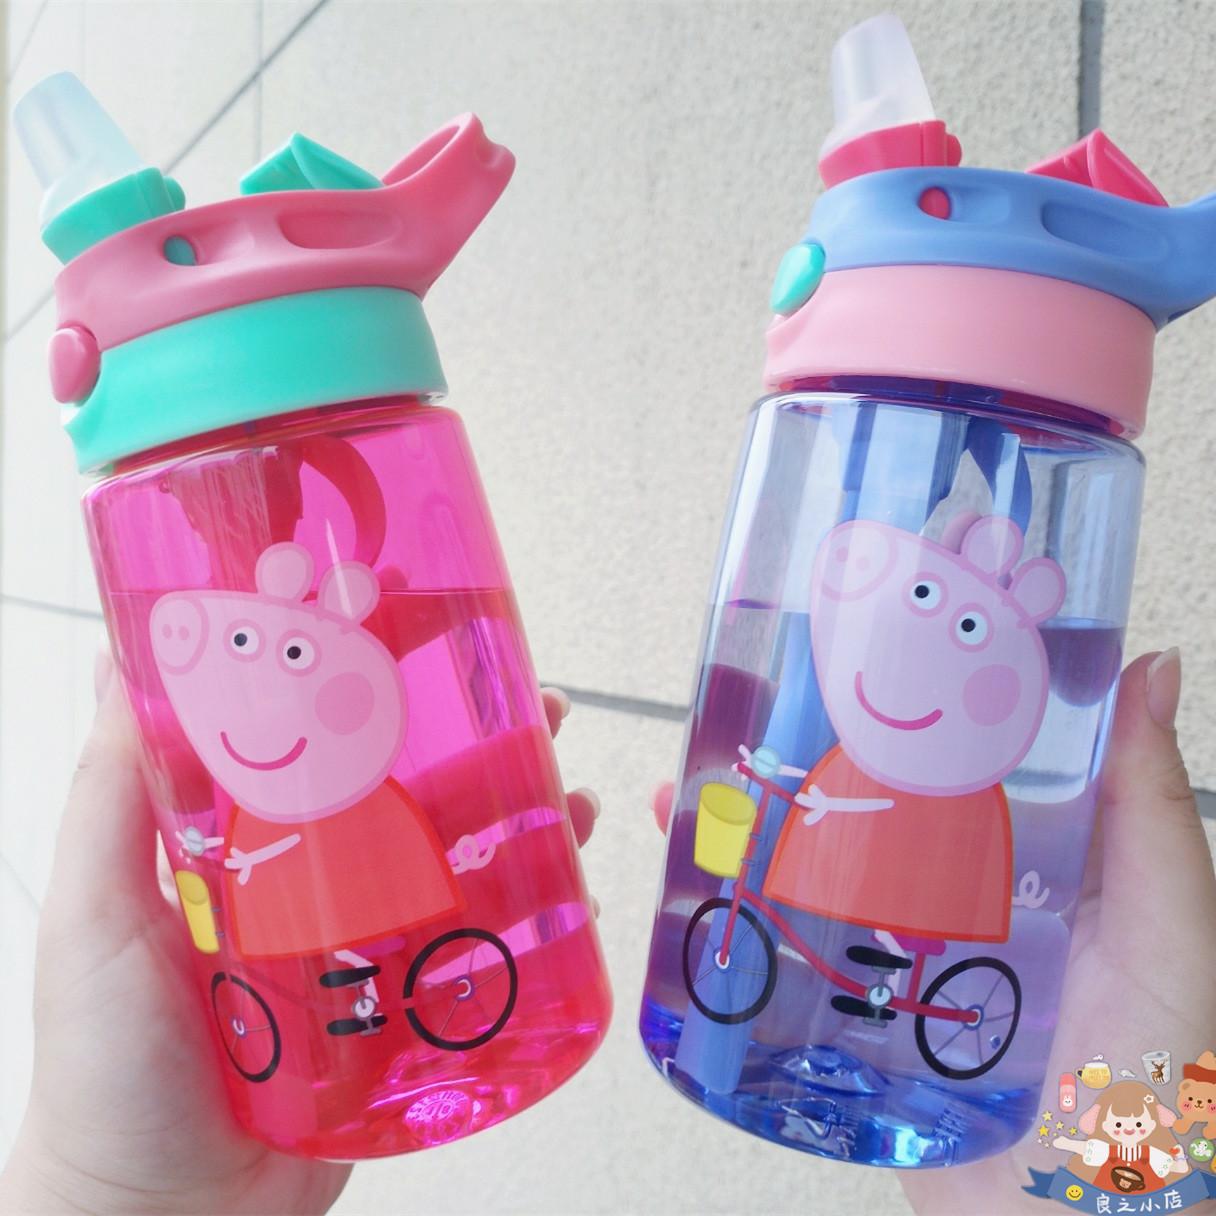 韩版潮可爱卡通小猪杯子吸管杯少女心水杯学生儿童随手杯防摔水壶